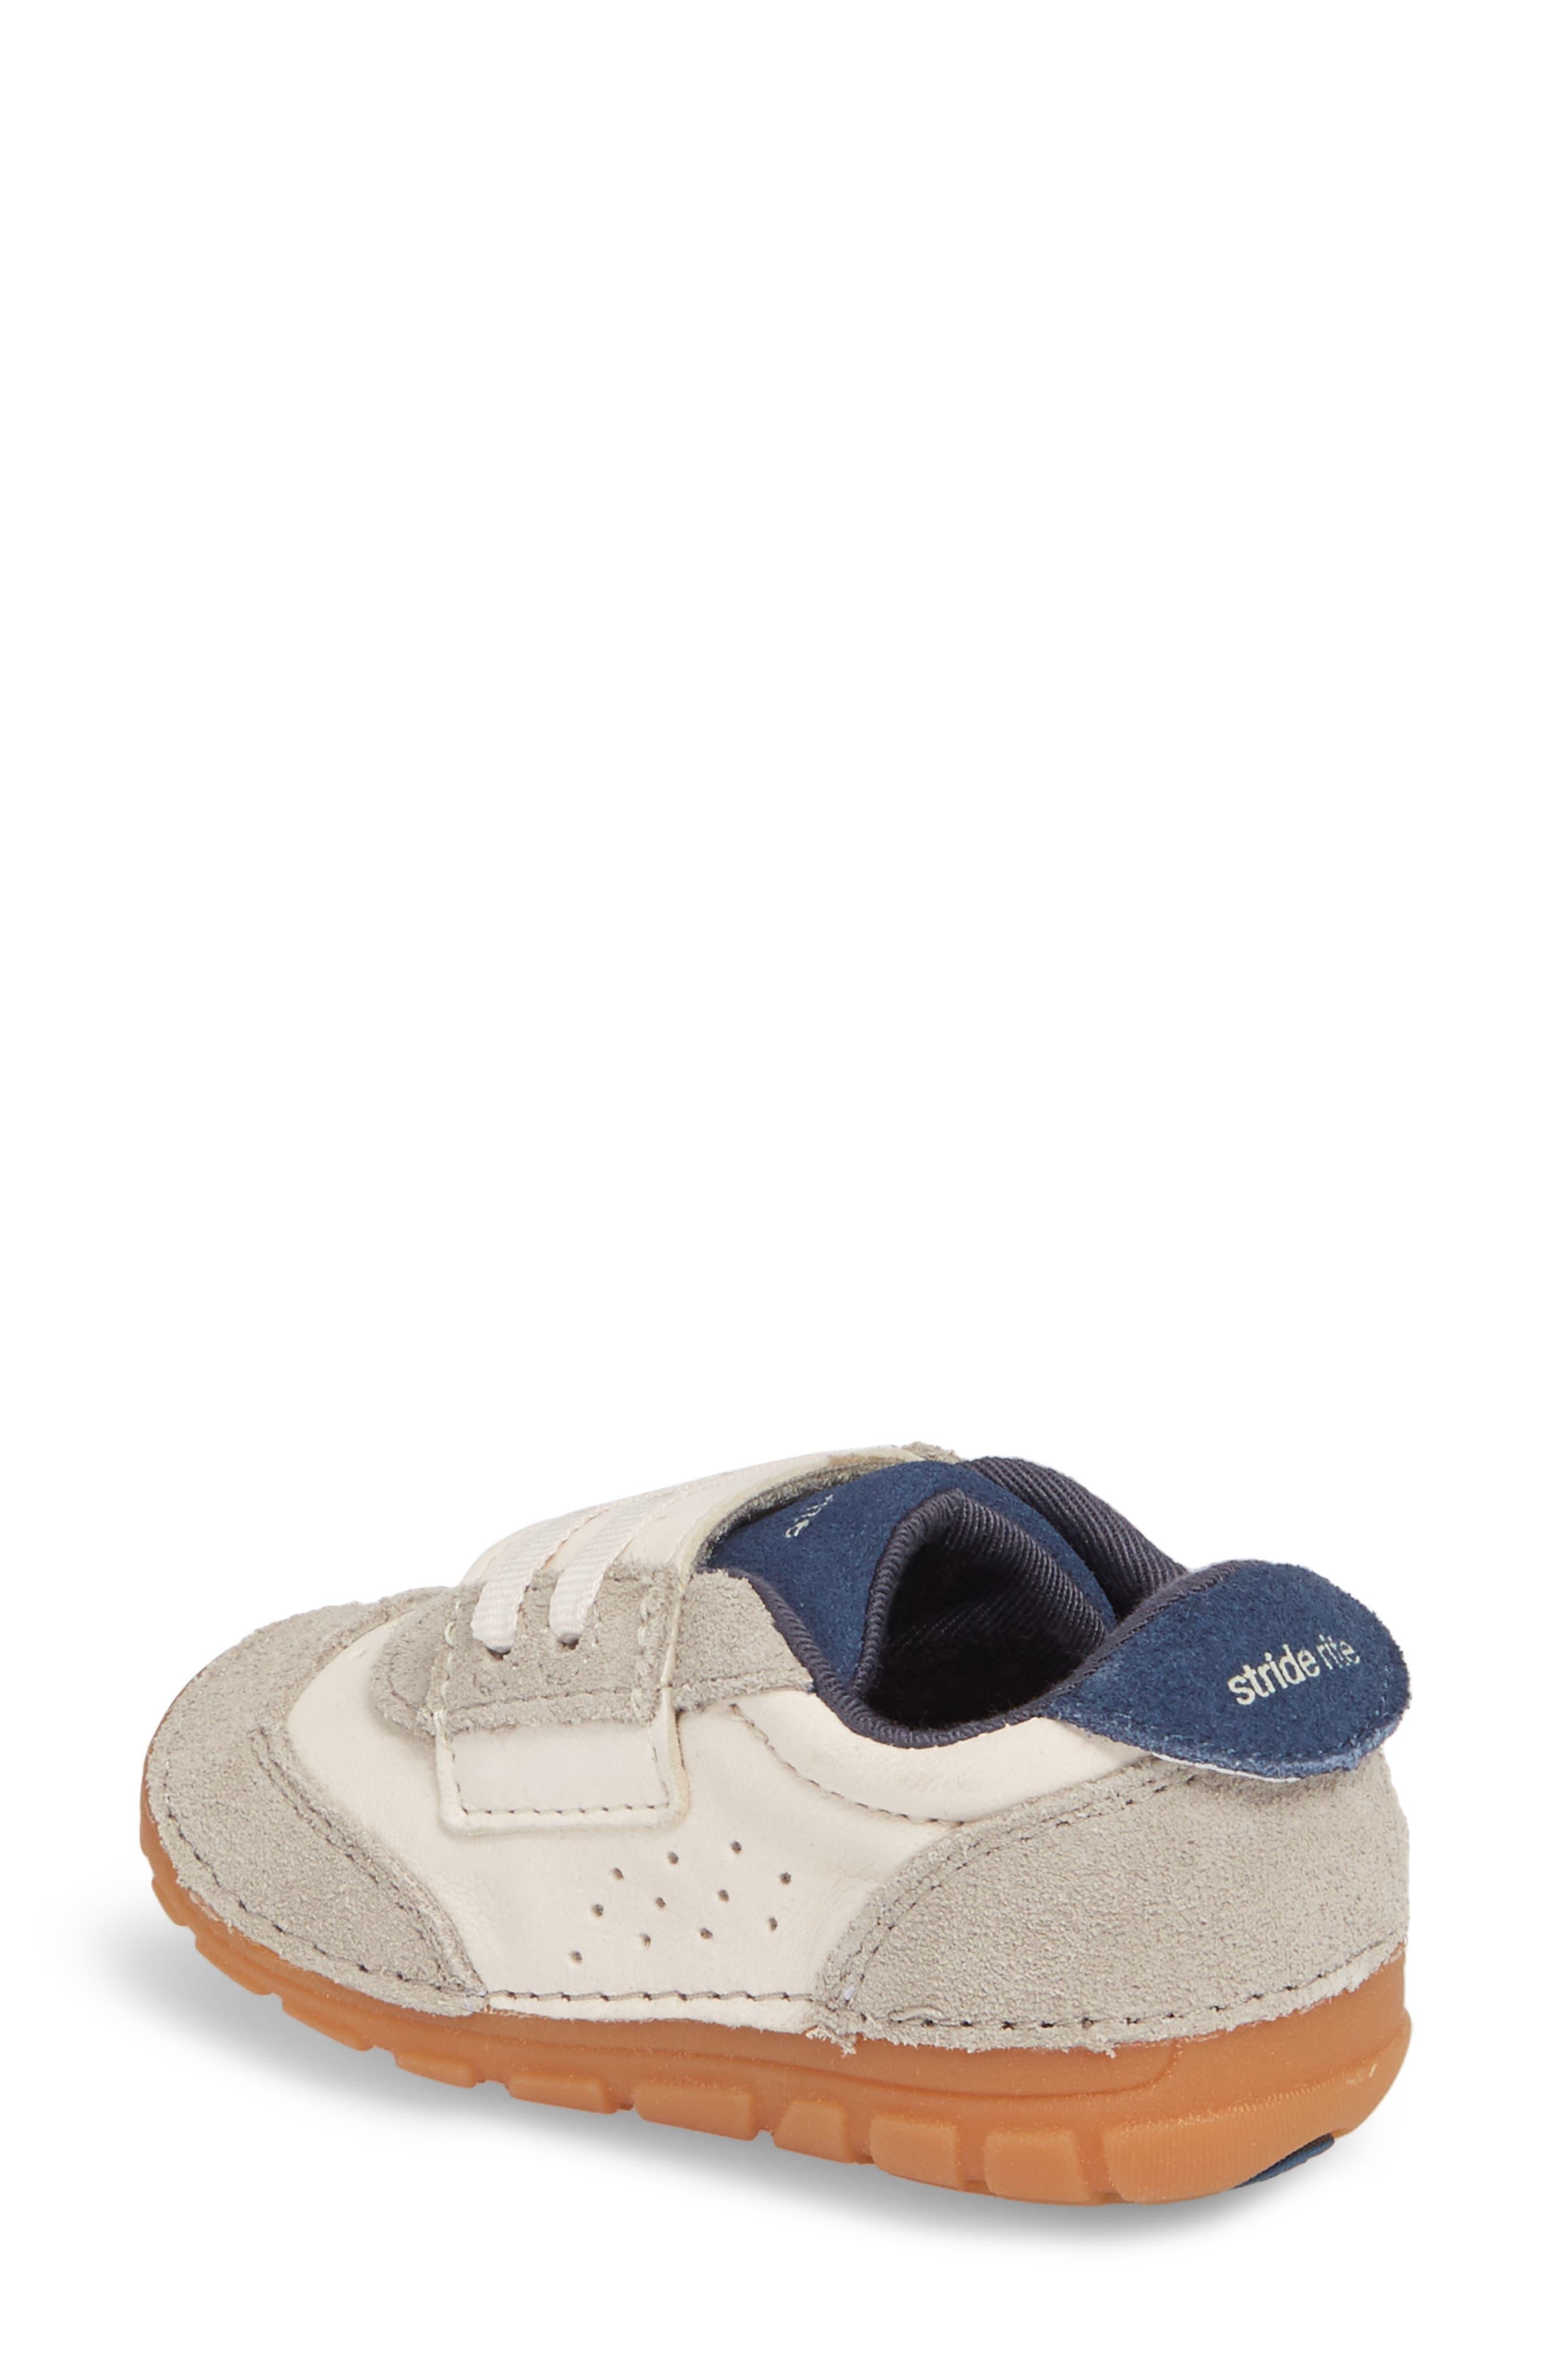 Soft Motion SRT Wyatt Sneaker,                             Alternate thumbnail 2, color,                             Stone Leather